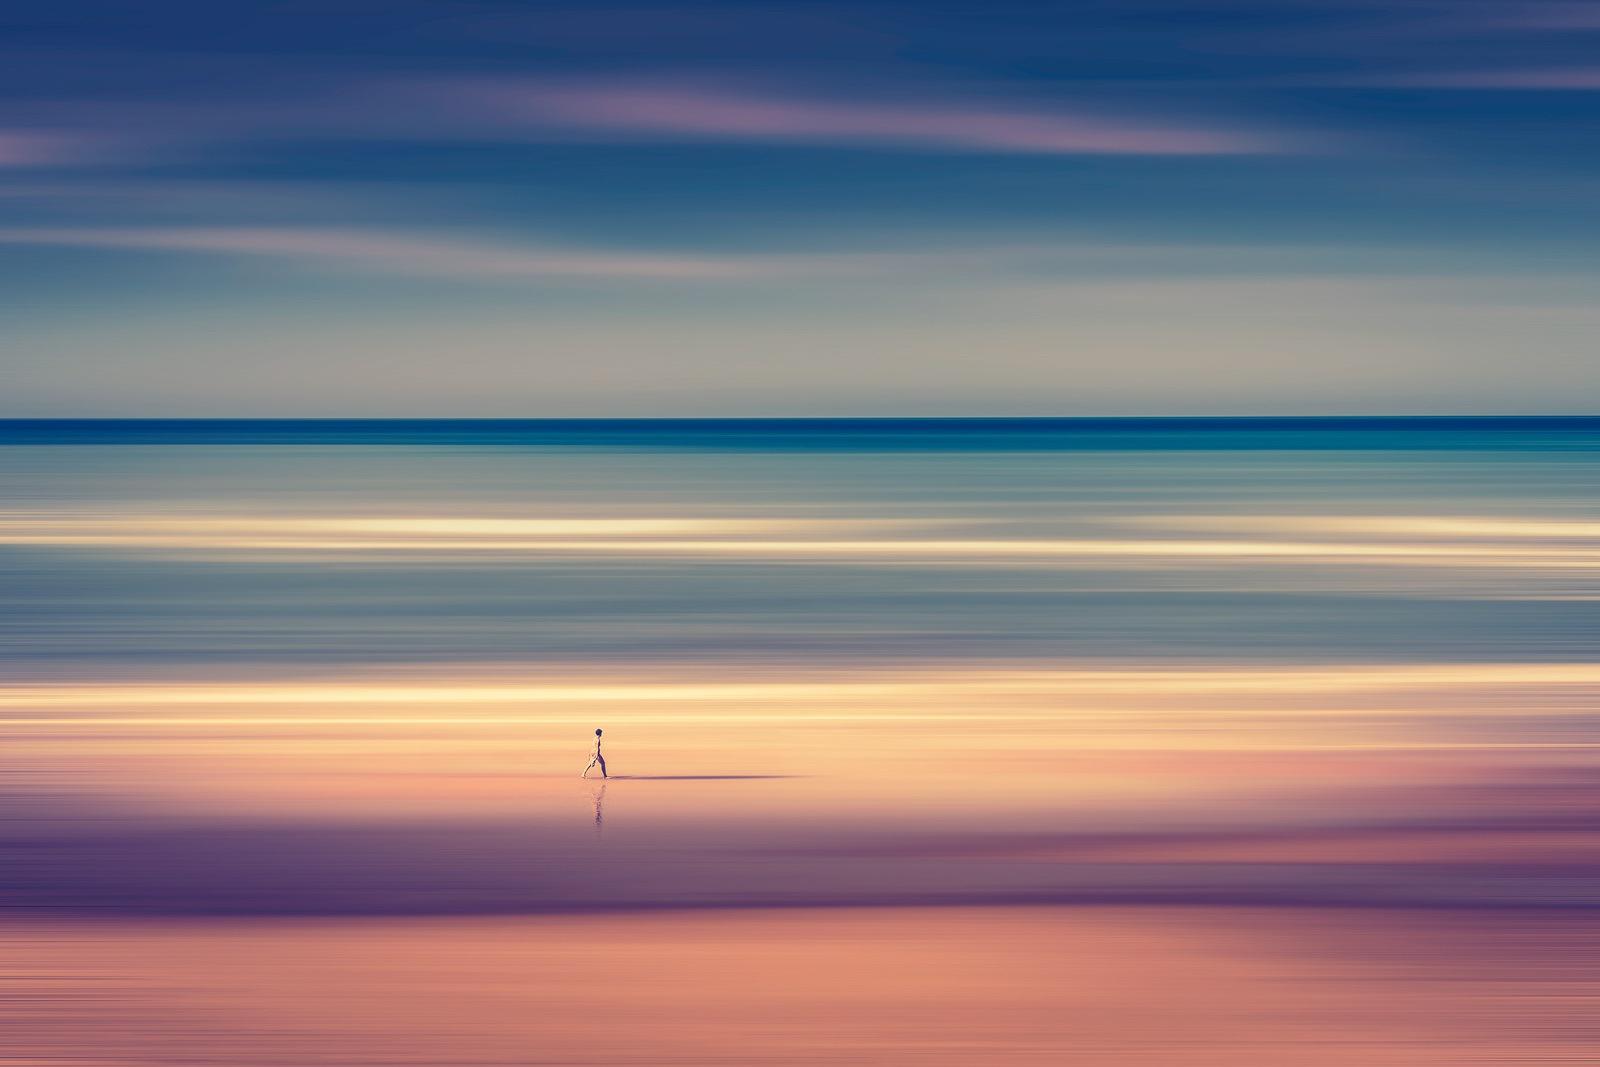 The beach by Rosana